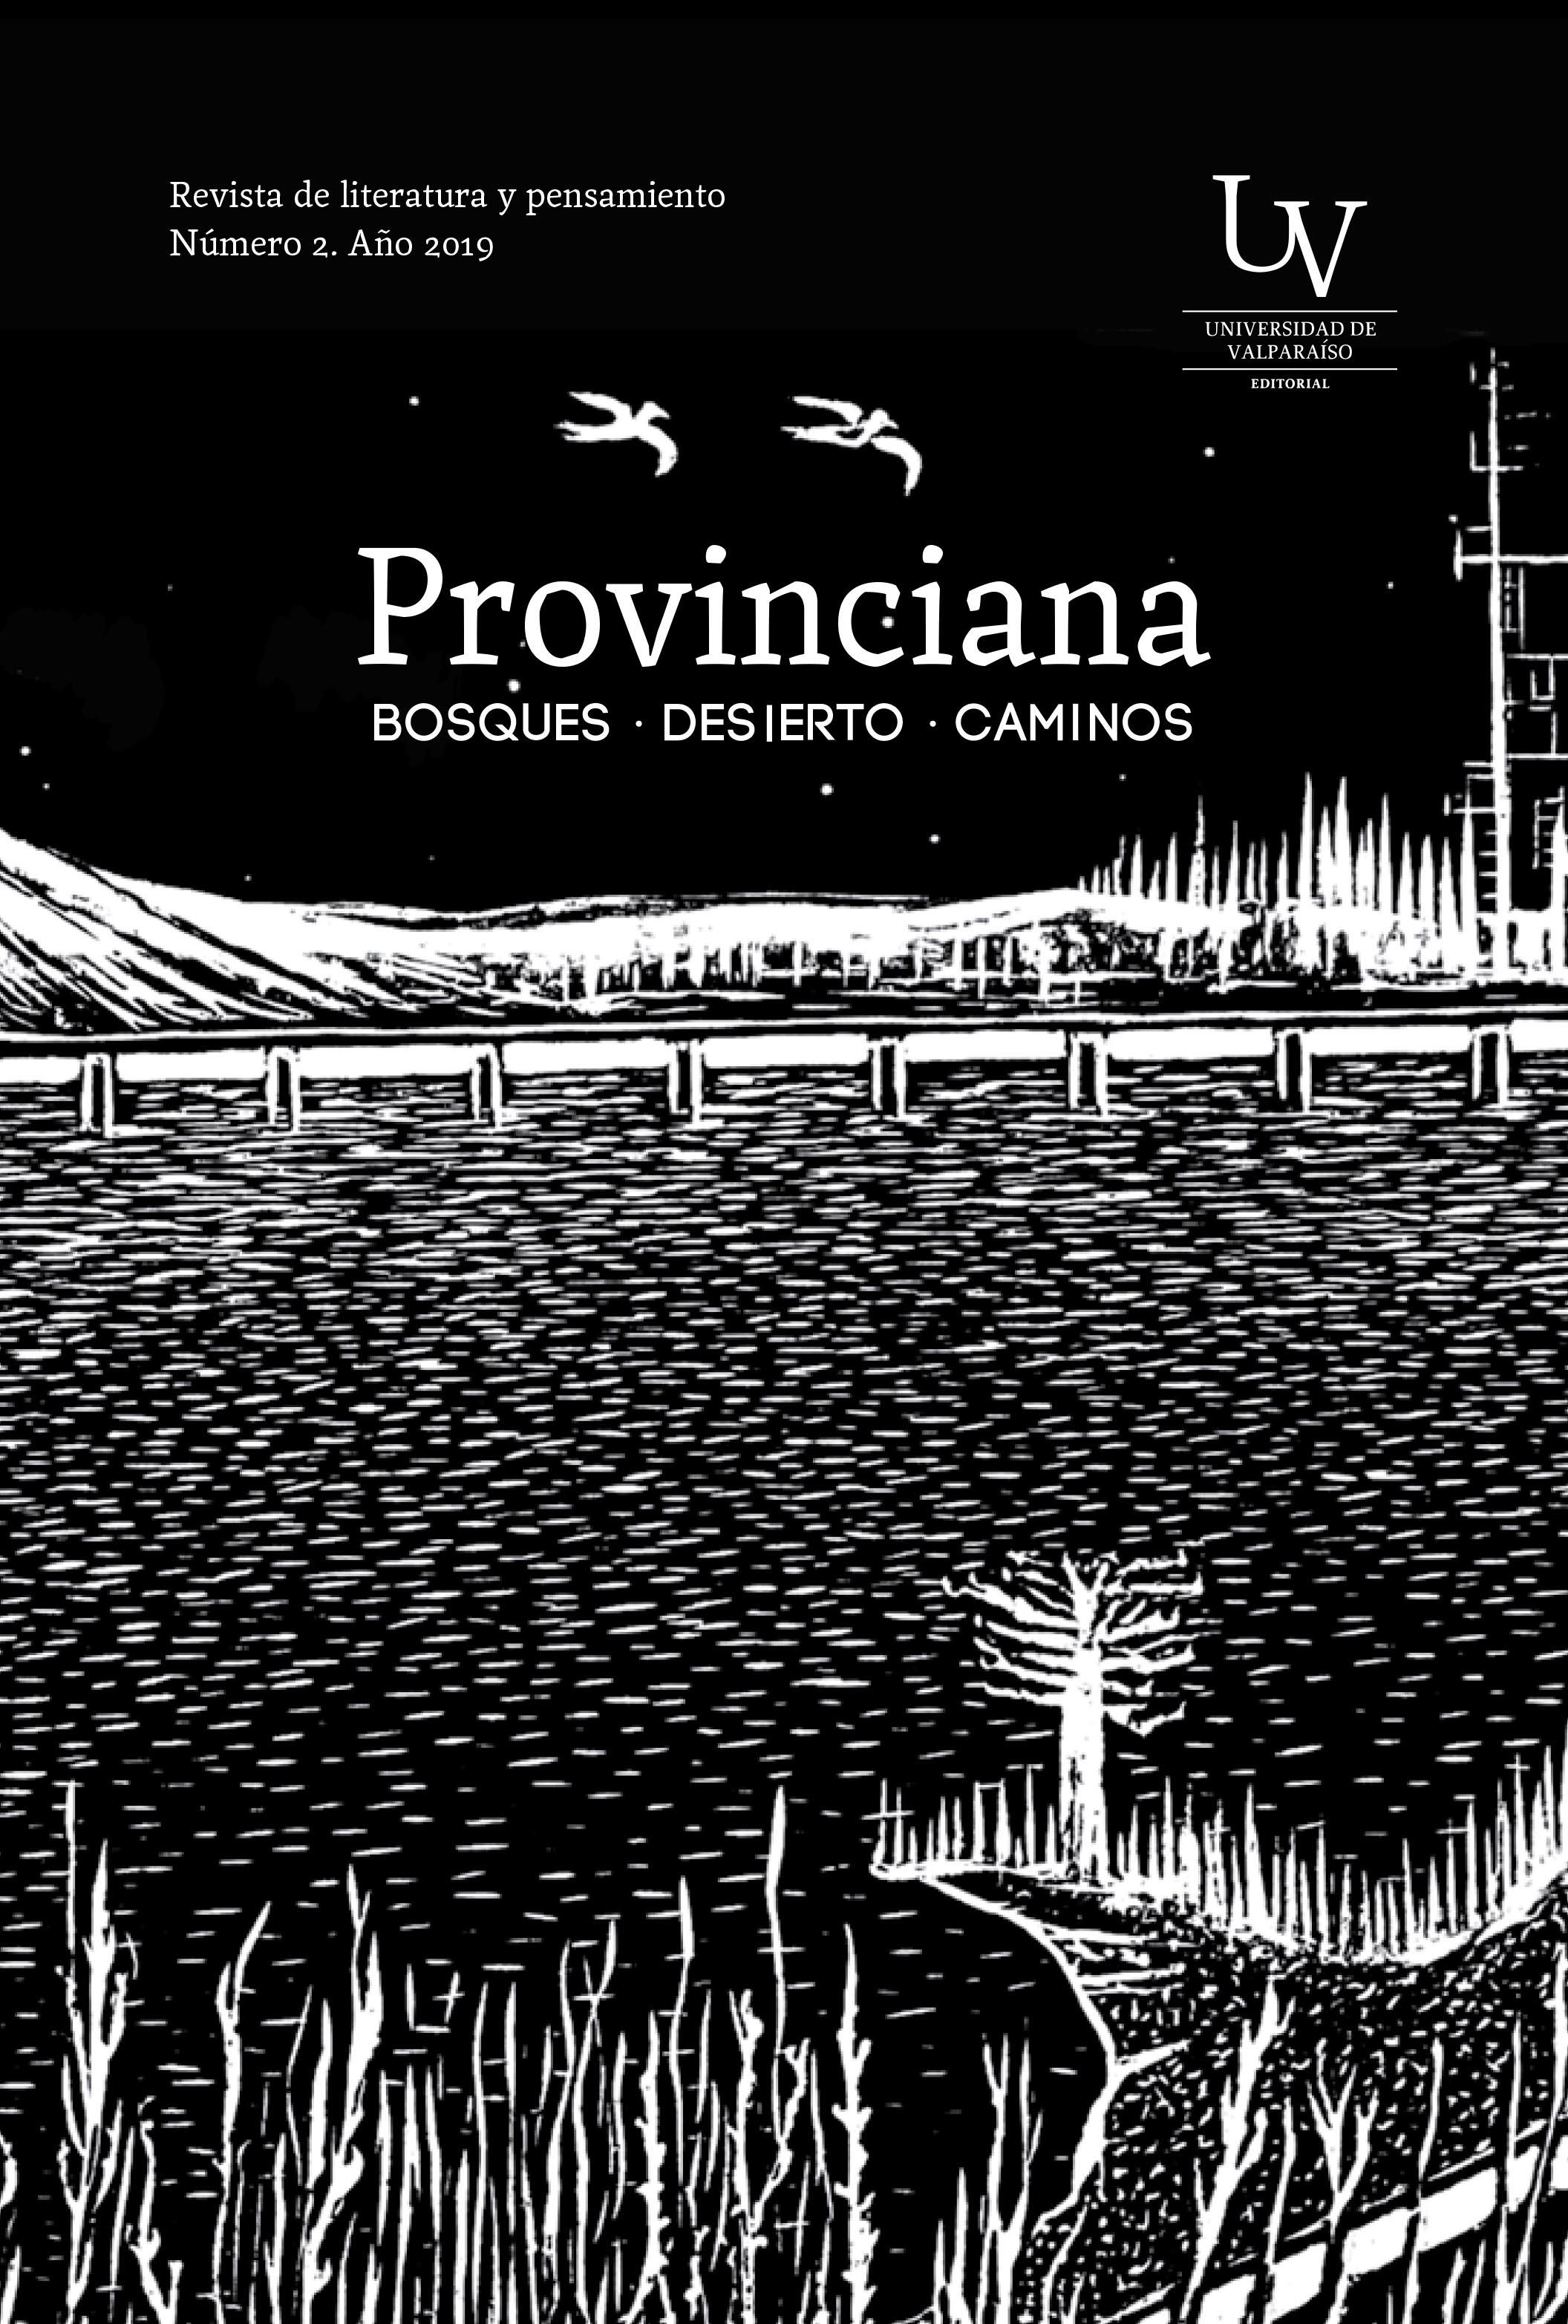 Provinciana N°2. Revista de literatura y pensamiento. Año 2019